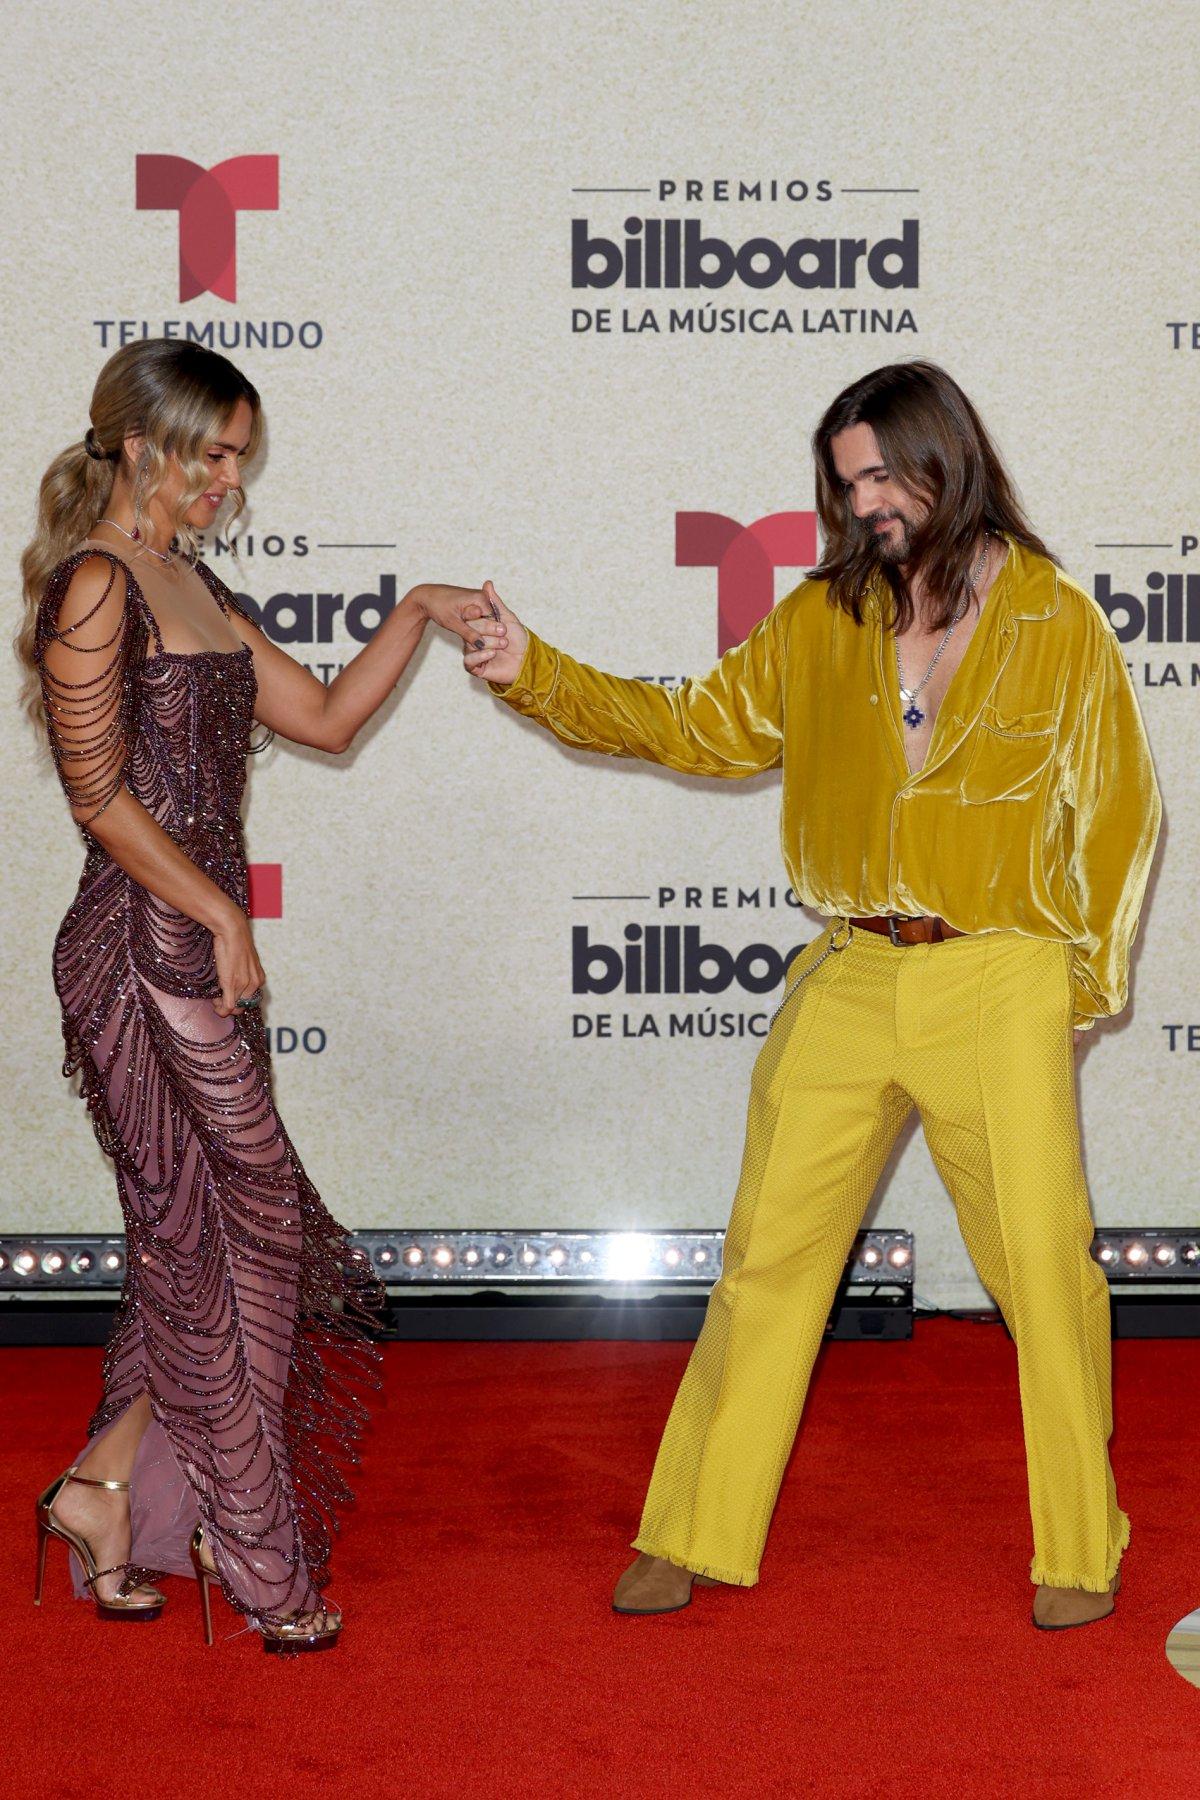 Juanes and Karen Martínez, at the Latin Billboard Awards